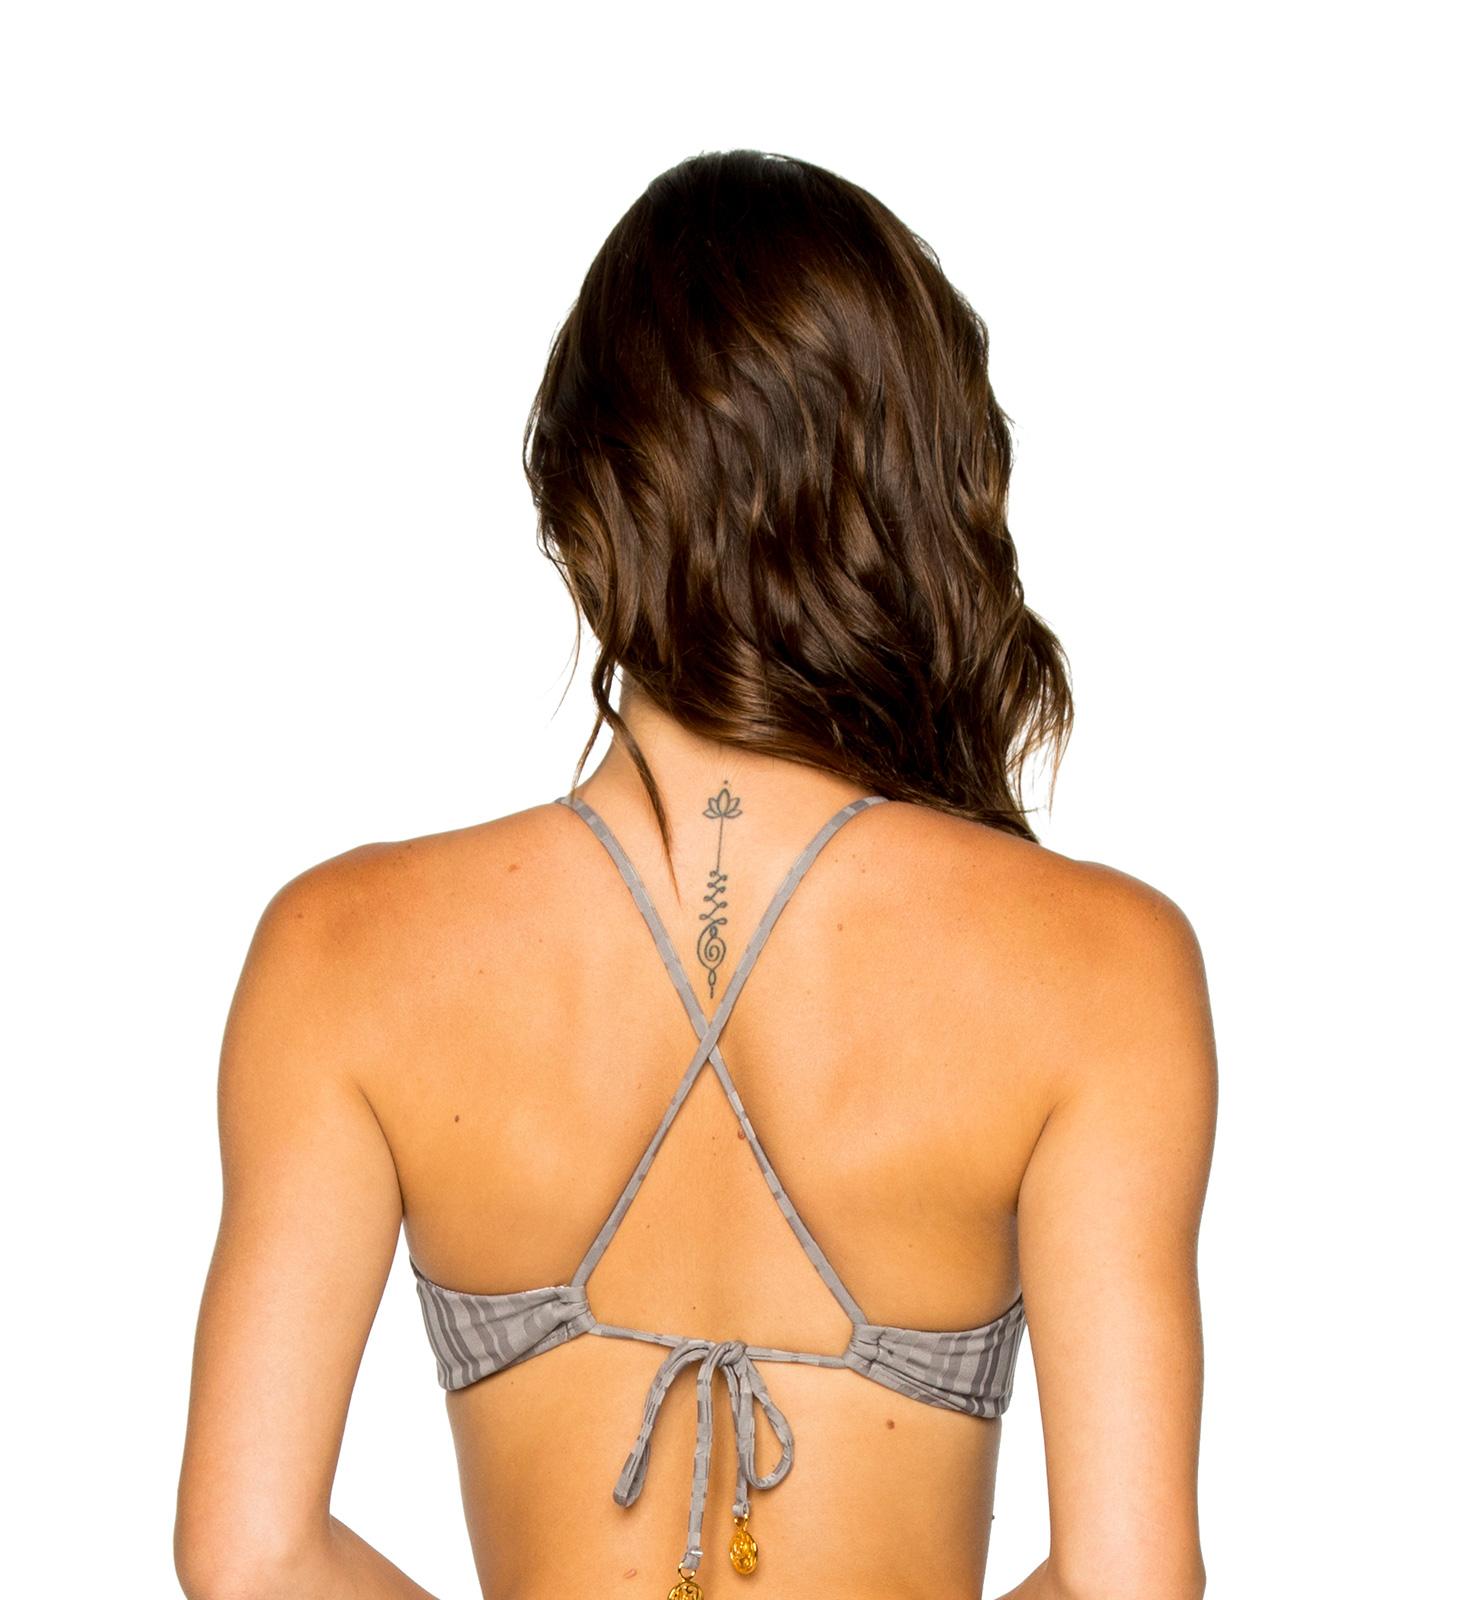 6fbe21c09da ... Grey bikini top with crossed back and ring detail - TOP RING GREY TURI  TURAI ...